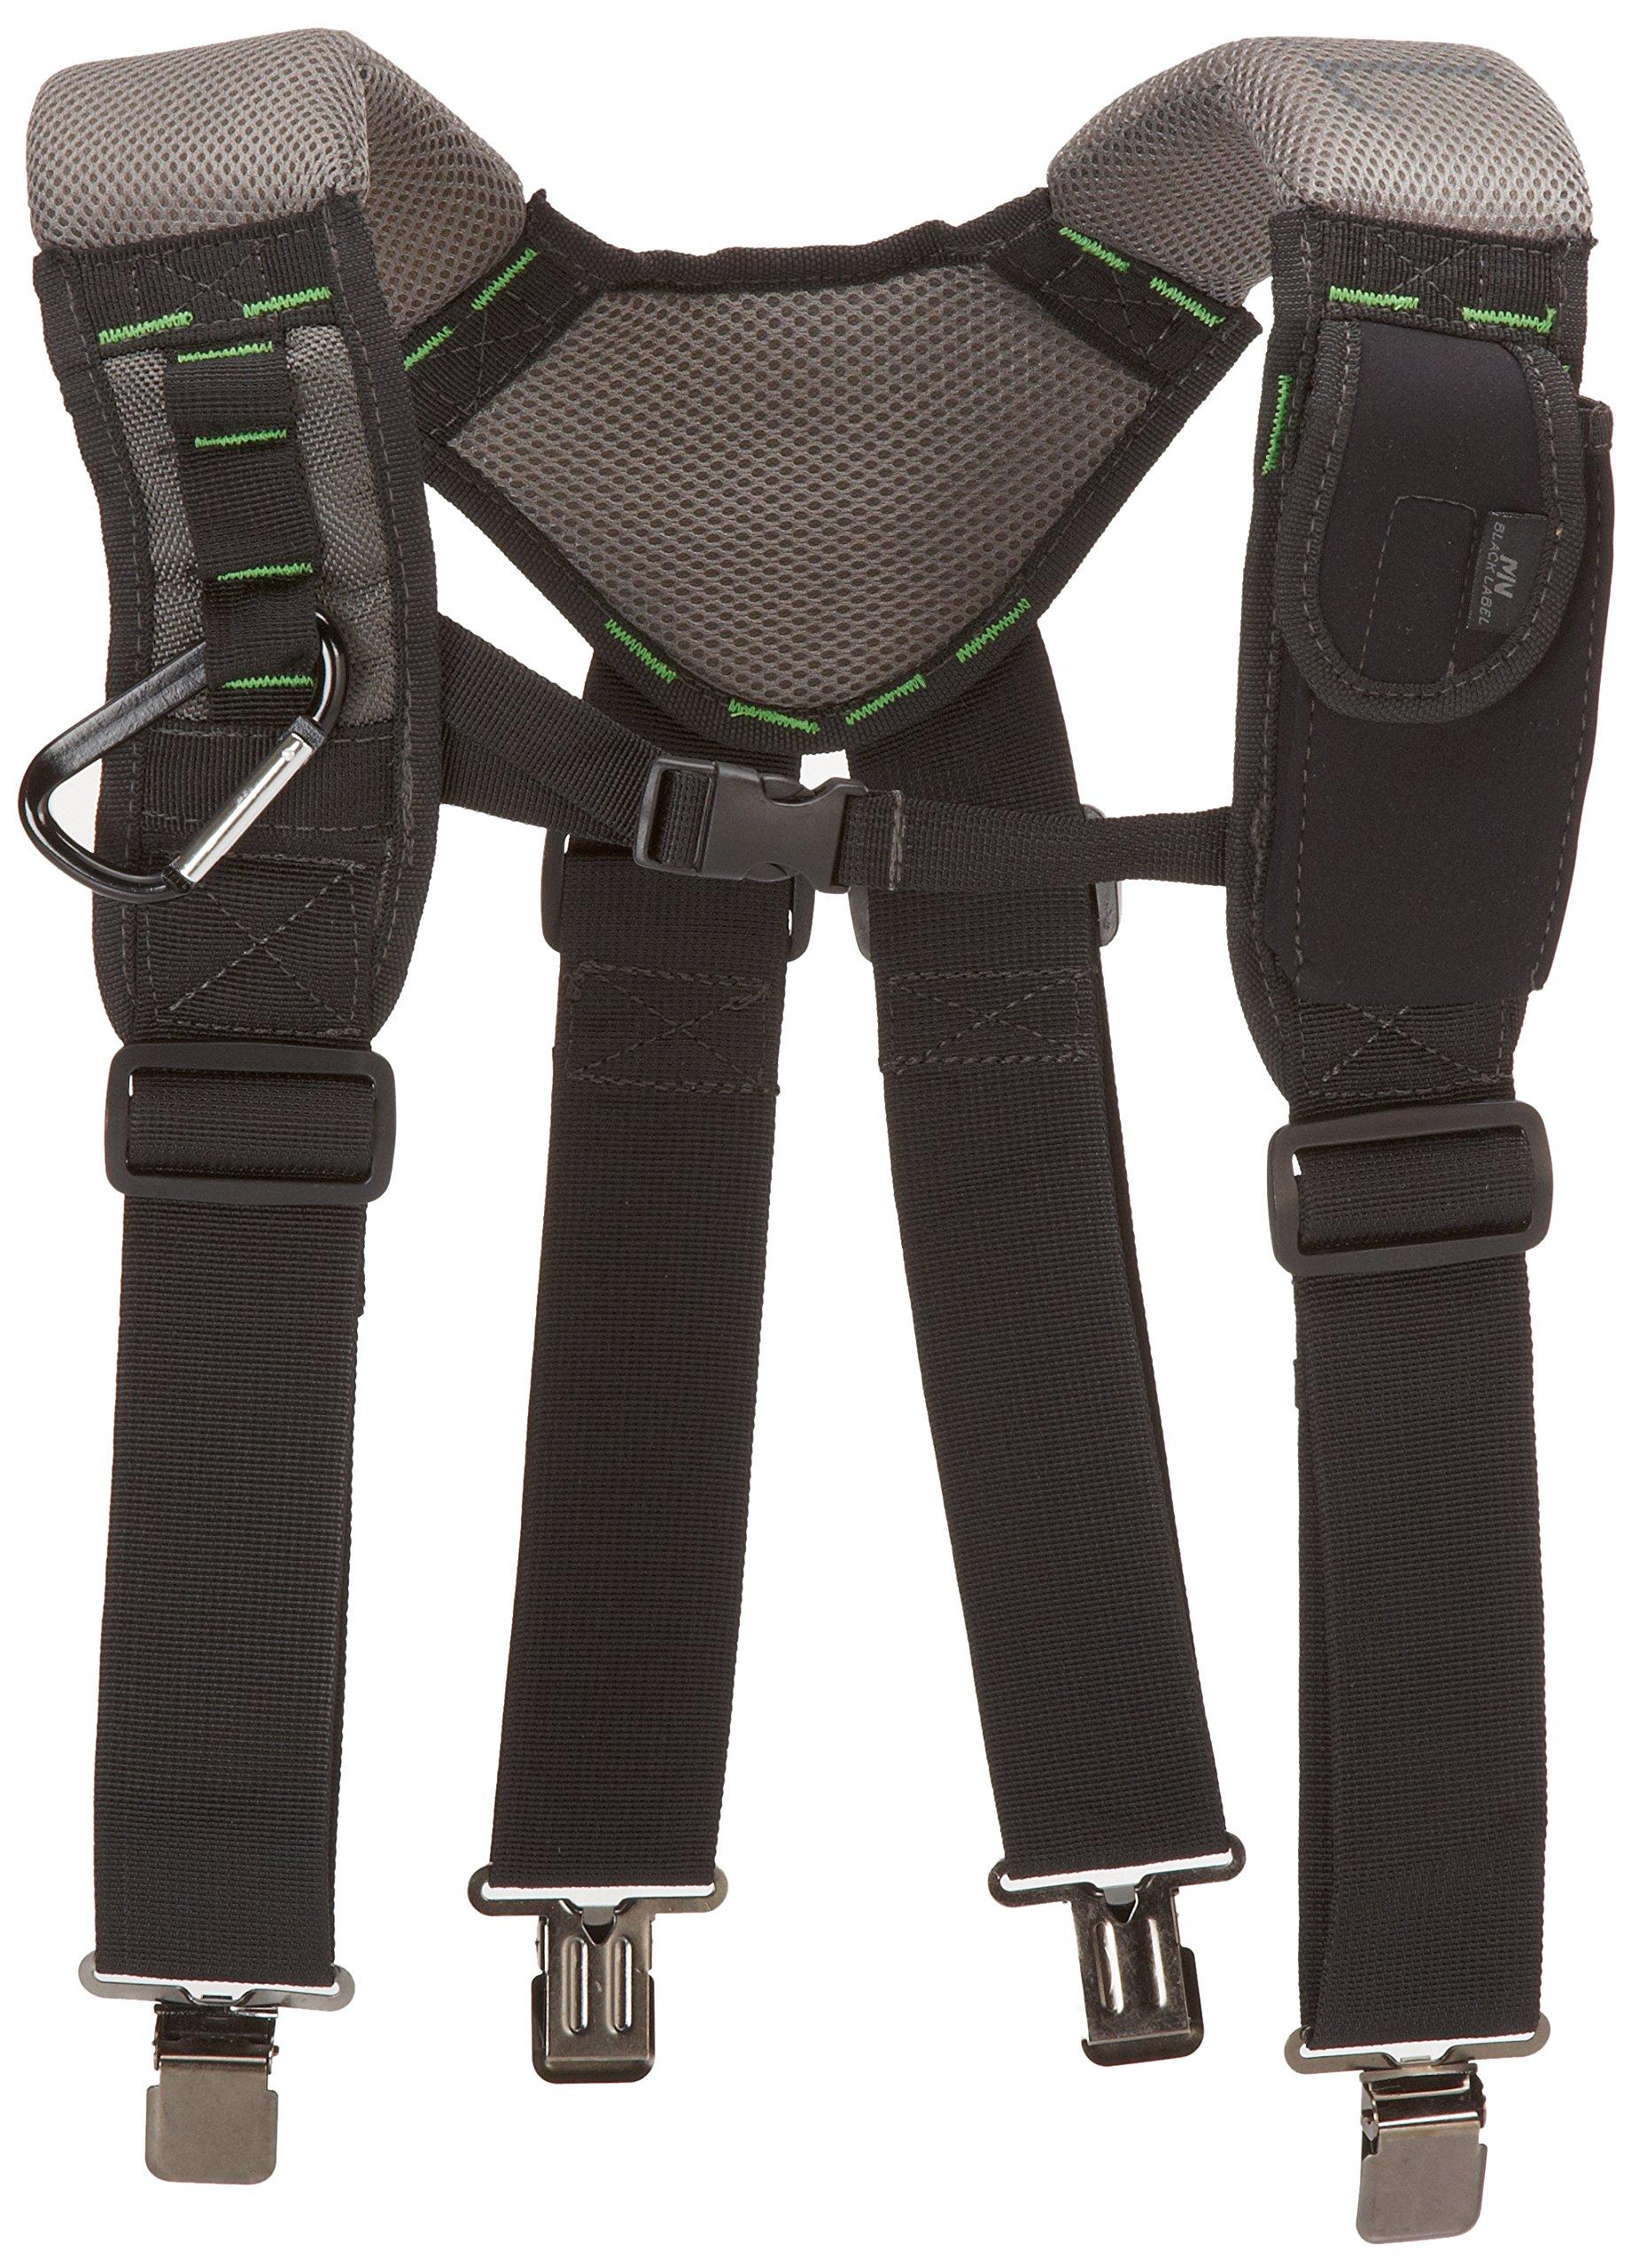 McGuire-Nicholas BL-30289 Gelfoam Suspenders